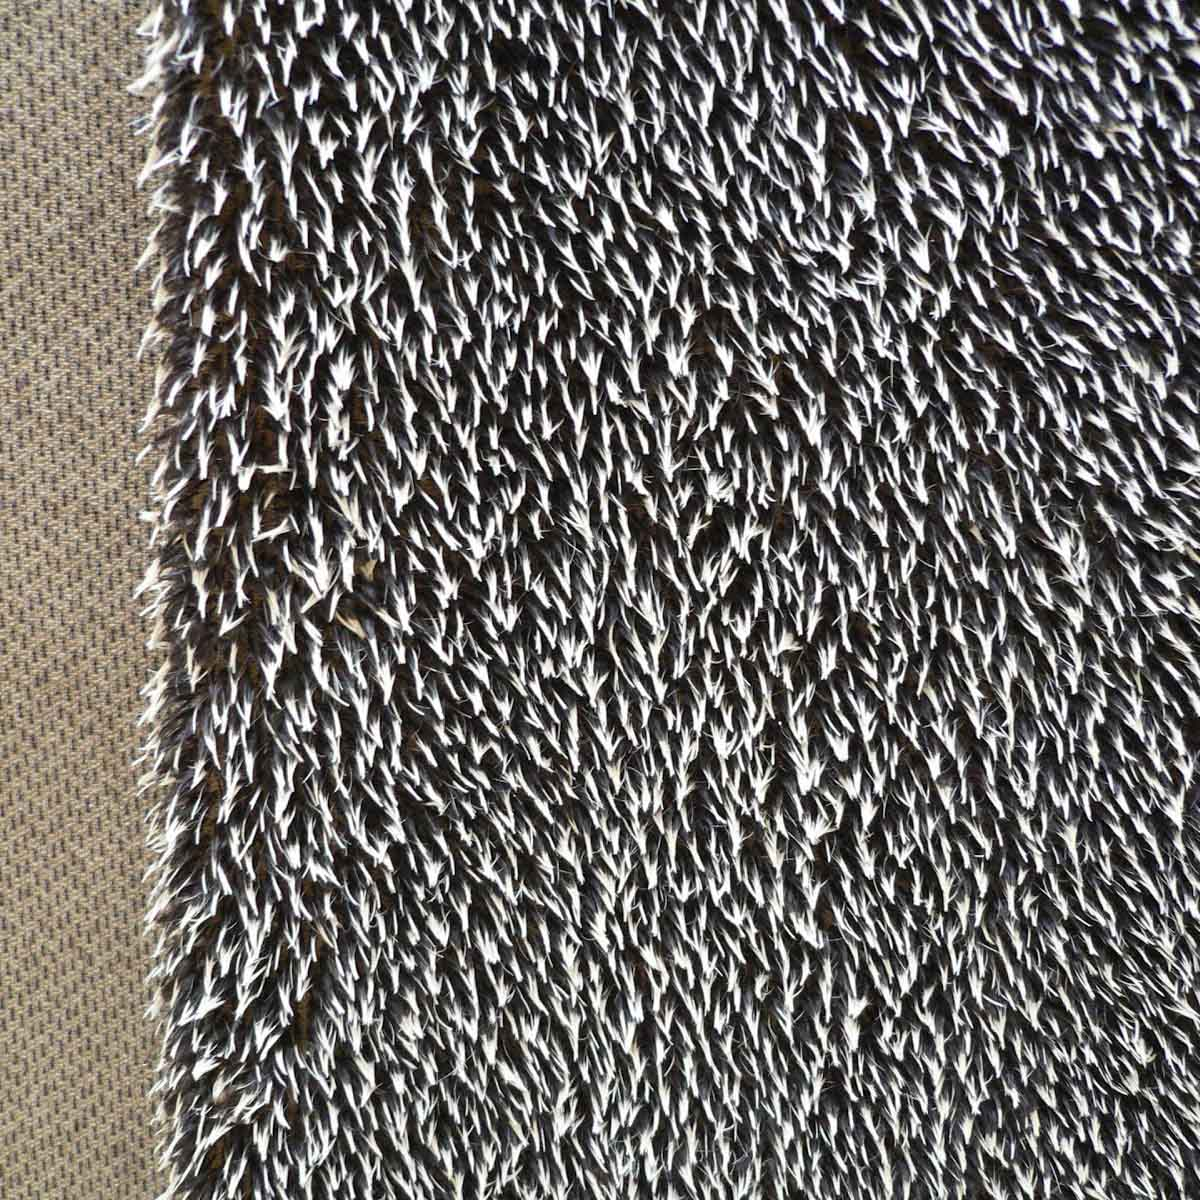 26159 Мех 'ЭЛИТ' 20121/1 'Ёжик' 17см*25см (1/32) , жёсткий ворс 9мм , 49% шерсть мохер- 51% хлопок